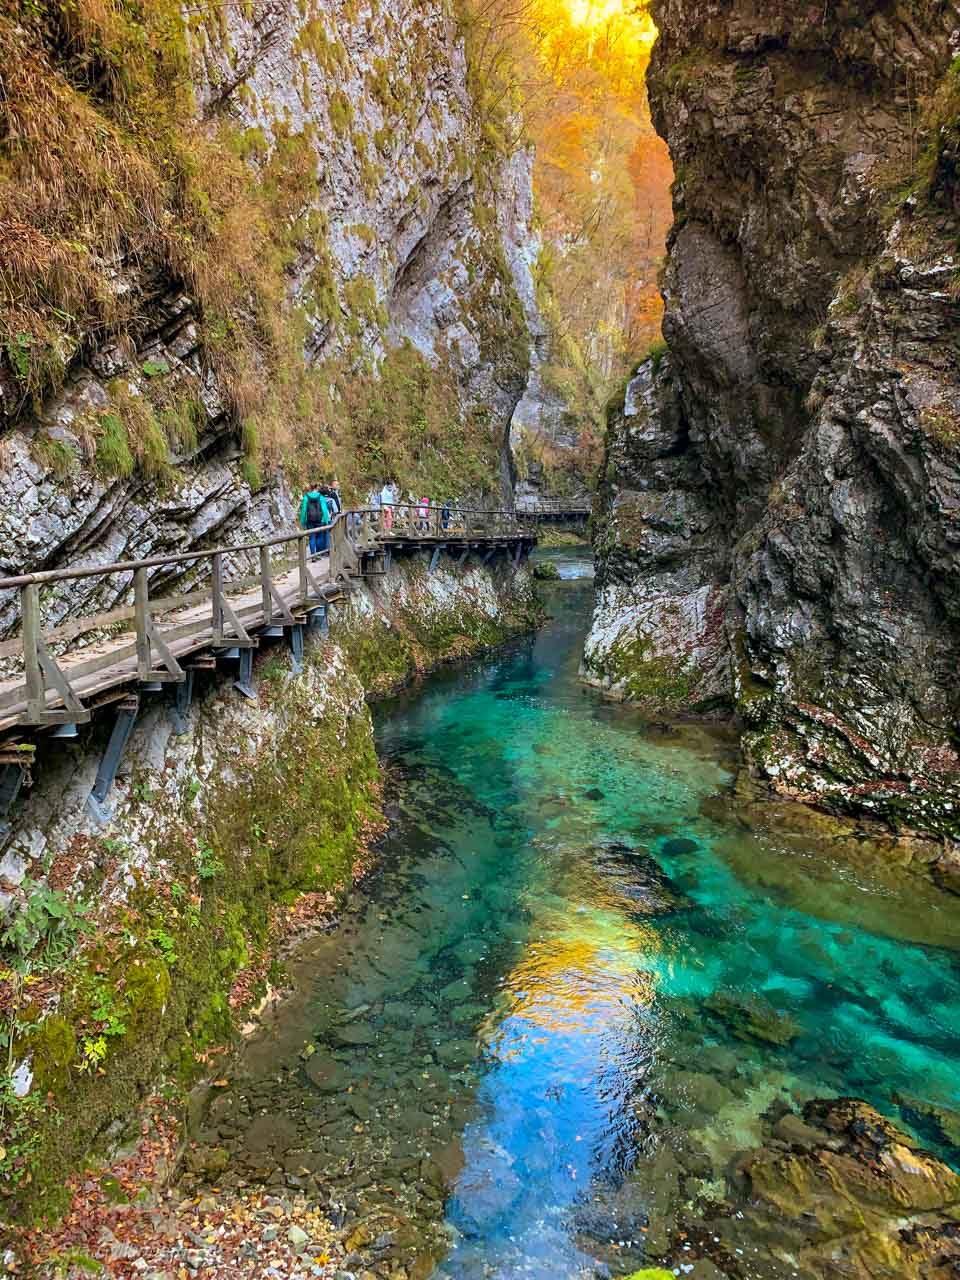 Vintgar Gorge - Vandra i ravinen med de stora vyerna 15